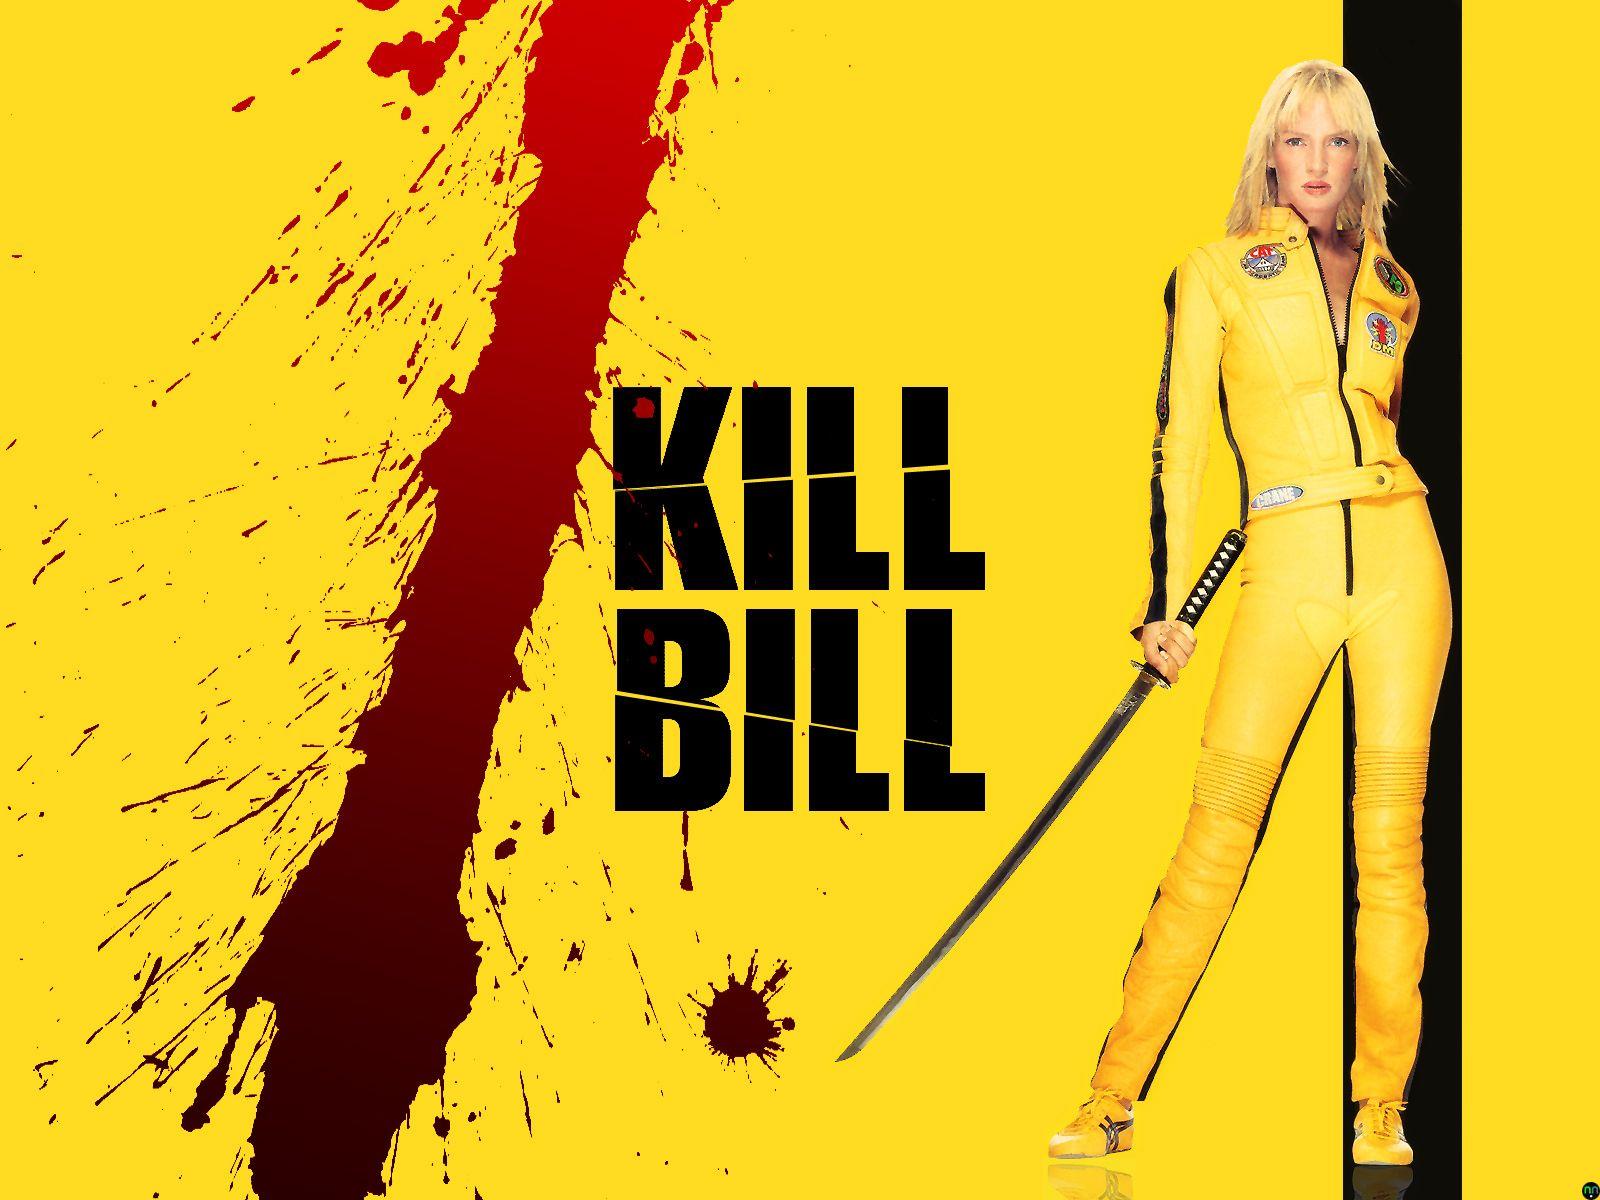 killbill1